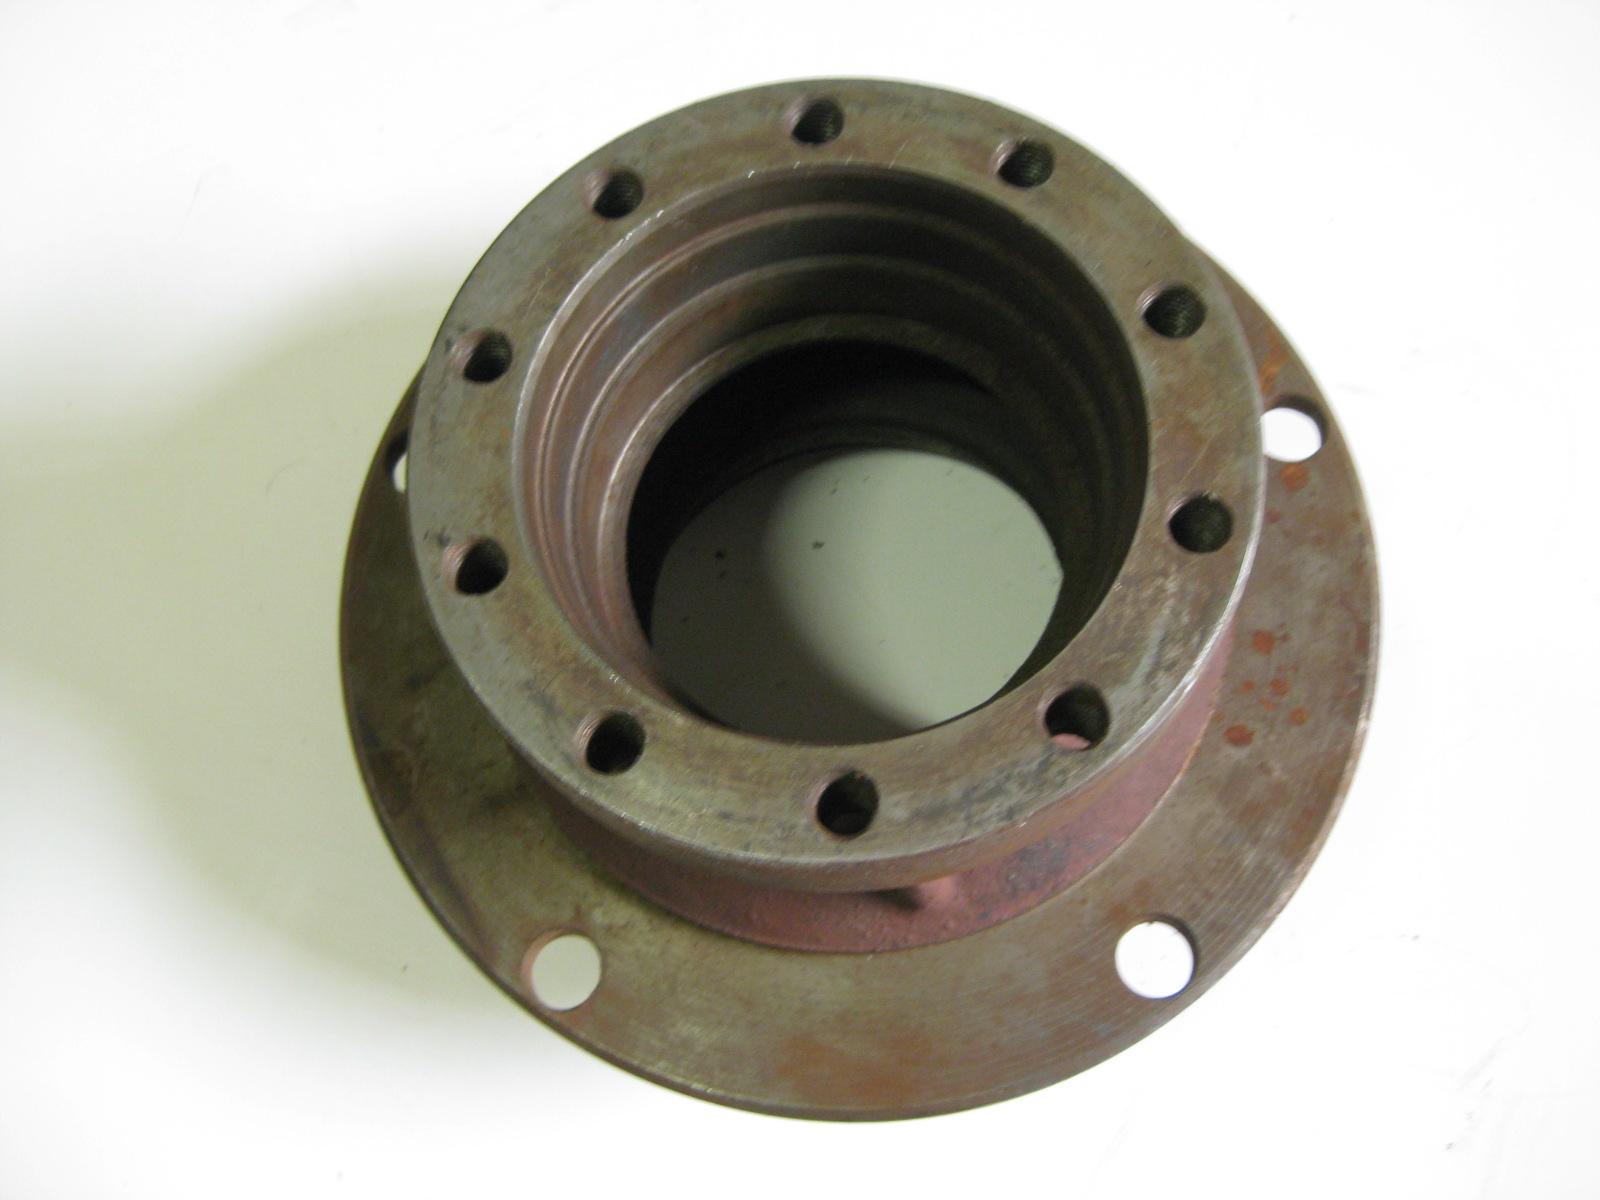 náboj kola (4x4) V8-7